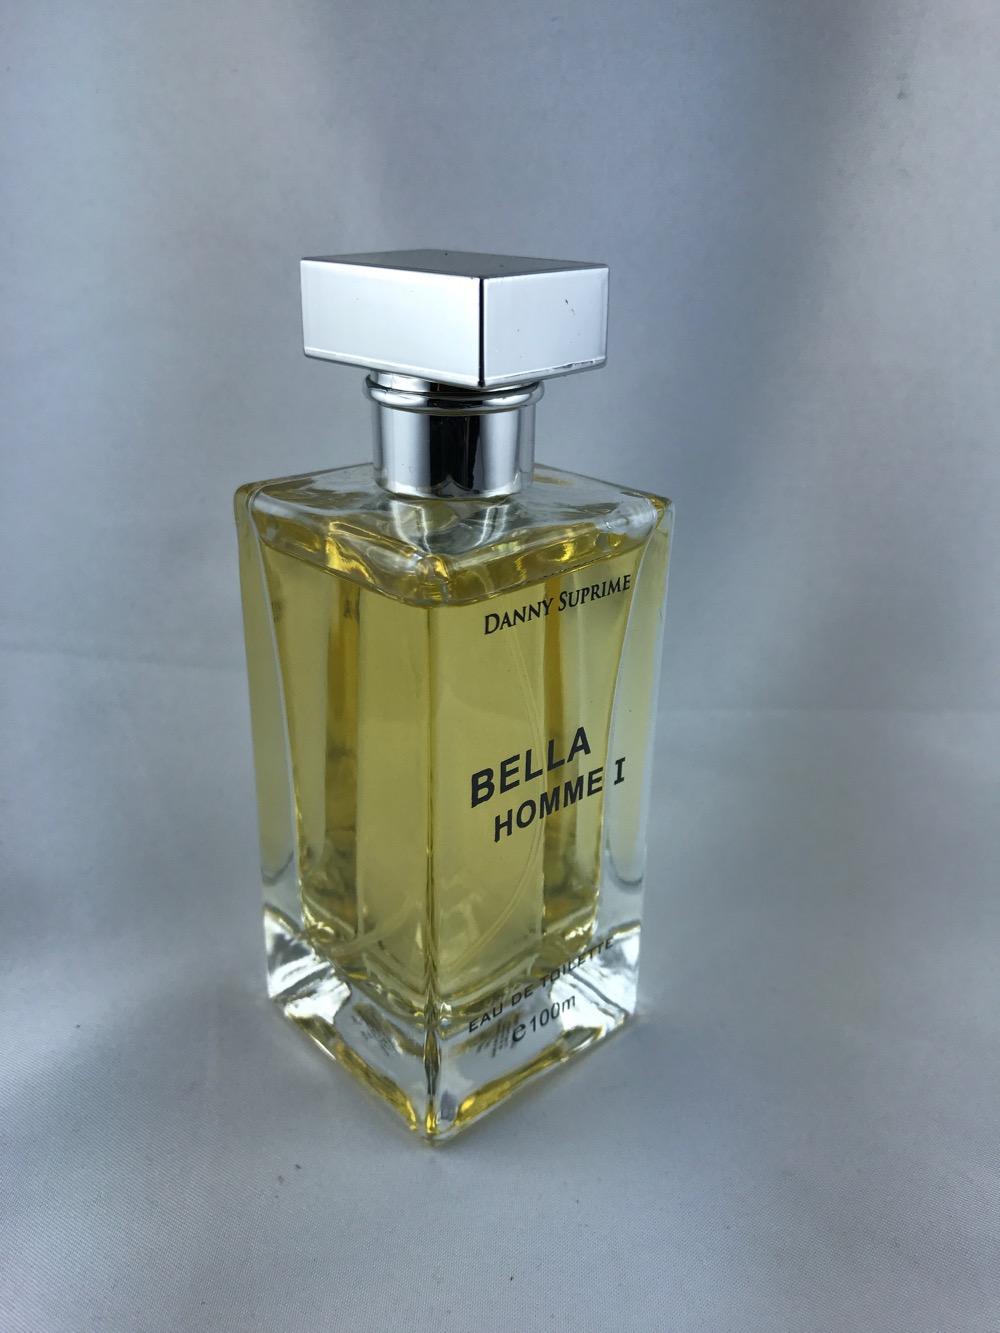 BELLA HOMME I